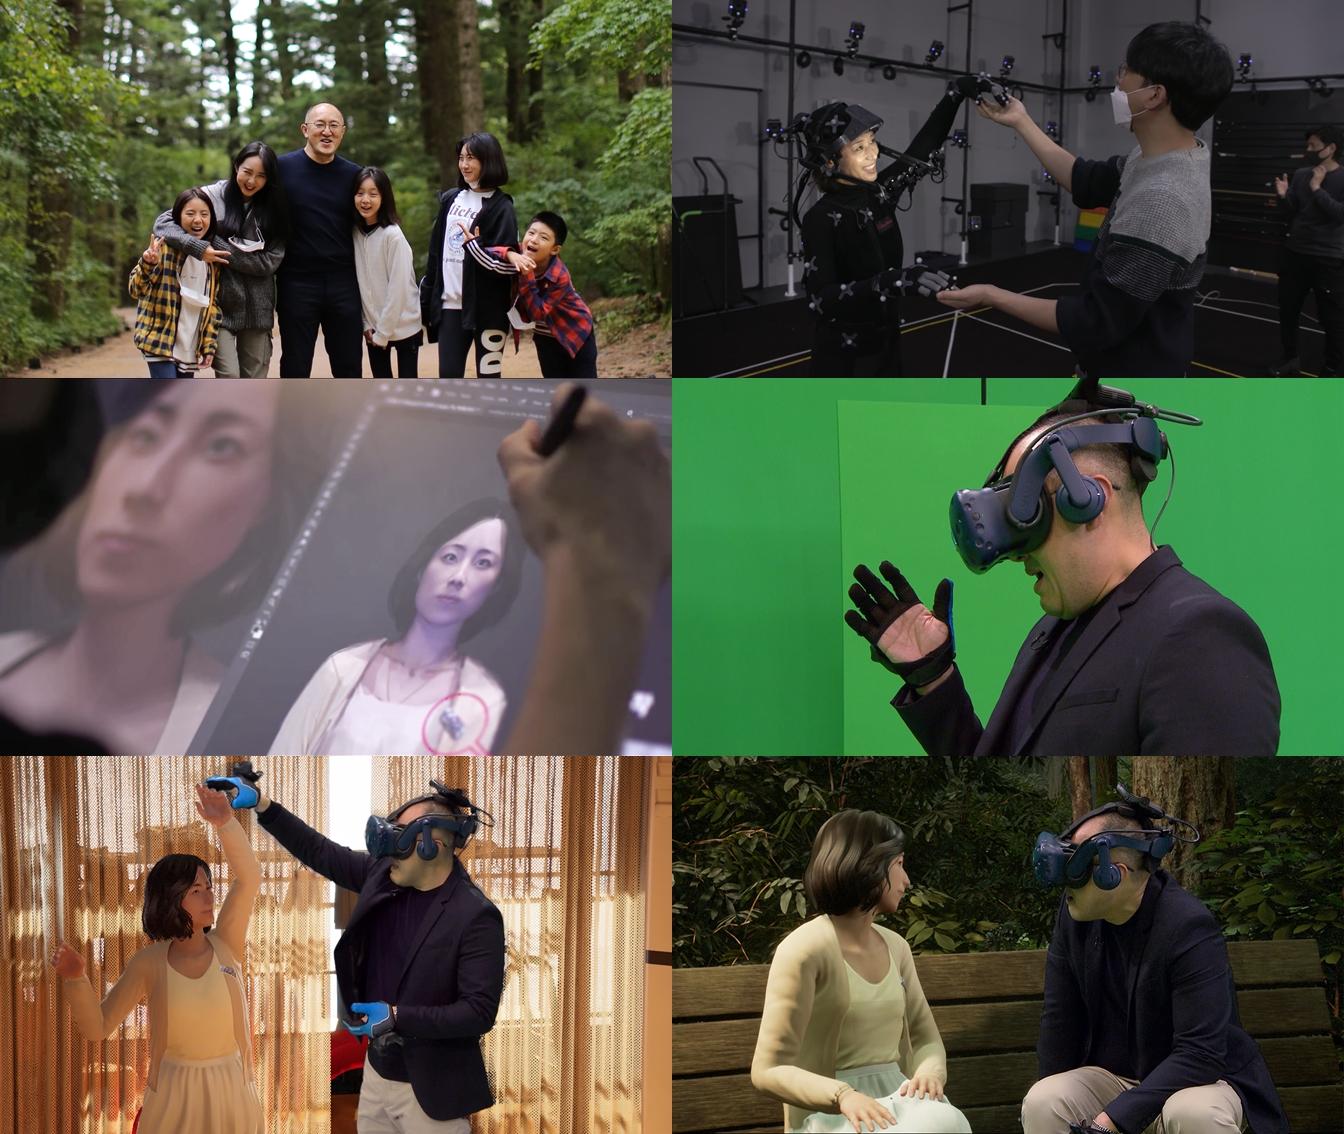 '너를 만났다' 세상 떠난 아내, VR로 다시 만났다...등장에 눈물